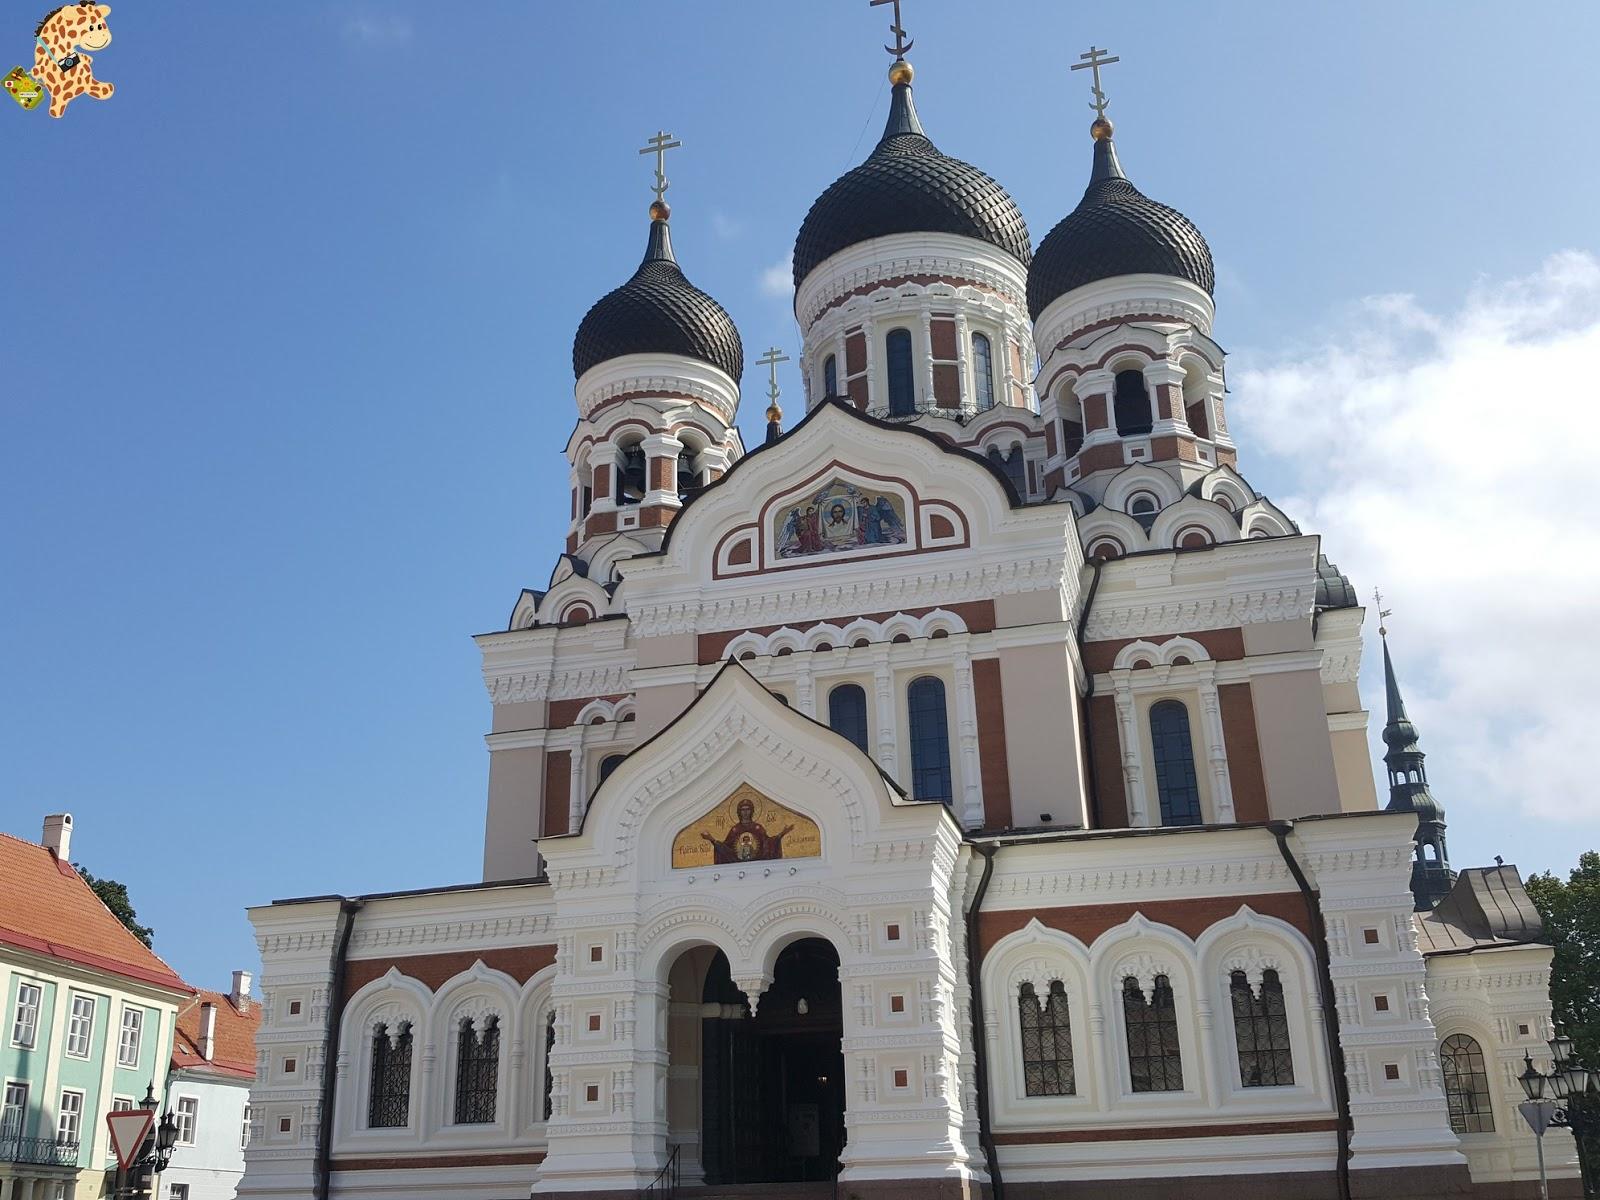 Qué ver en Tallin: Tallin en un día